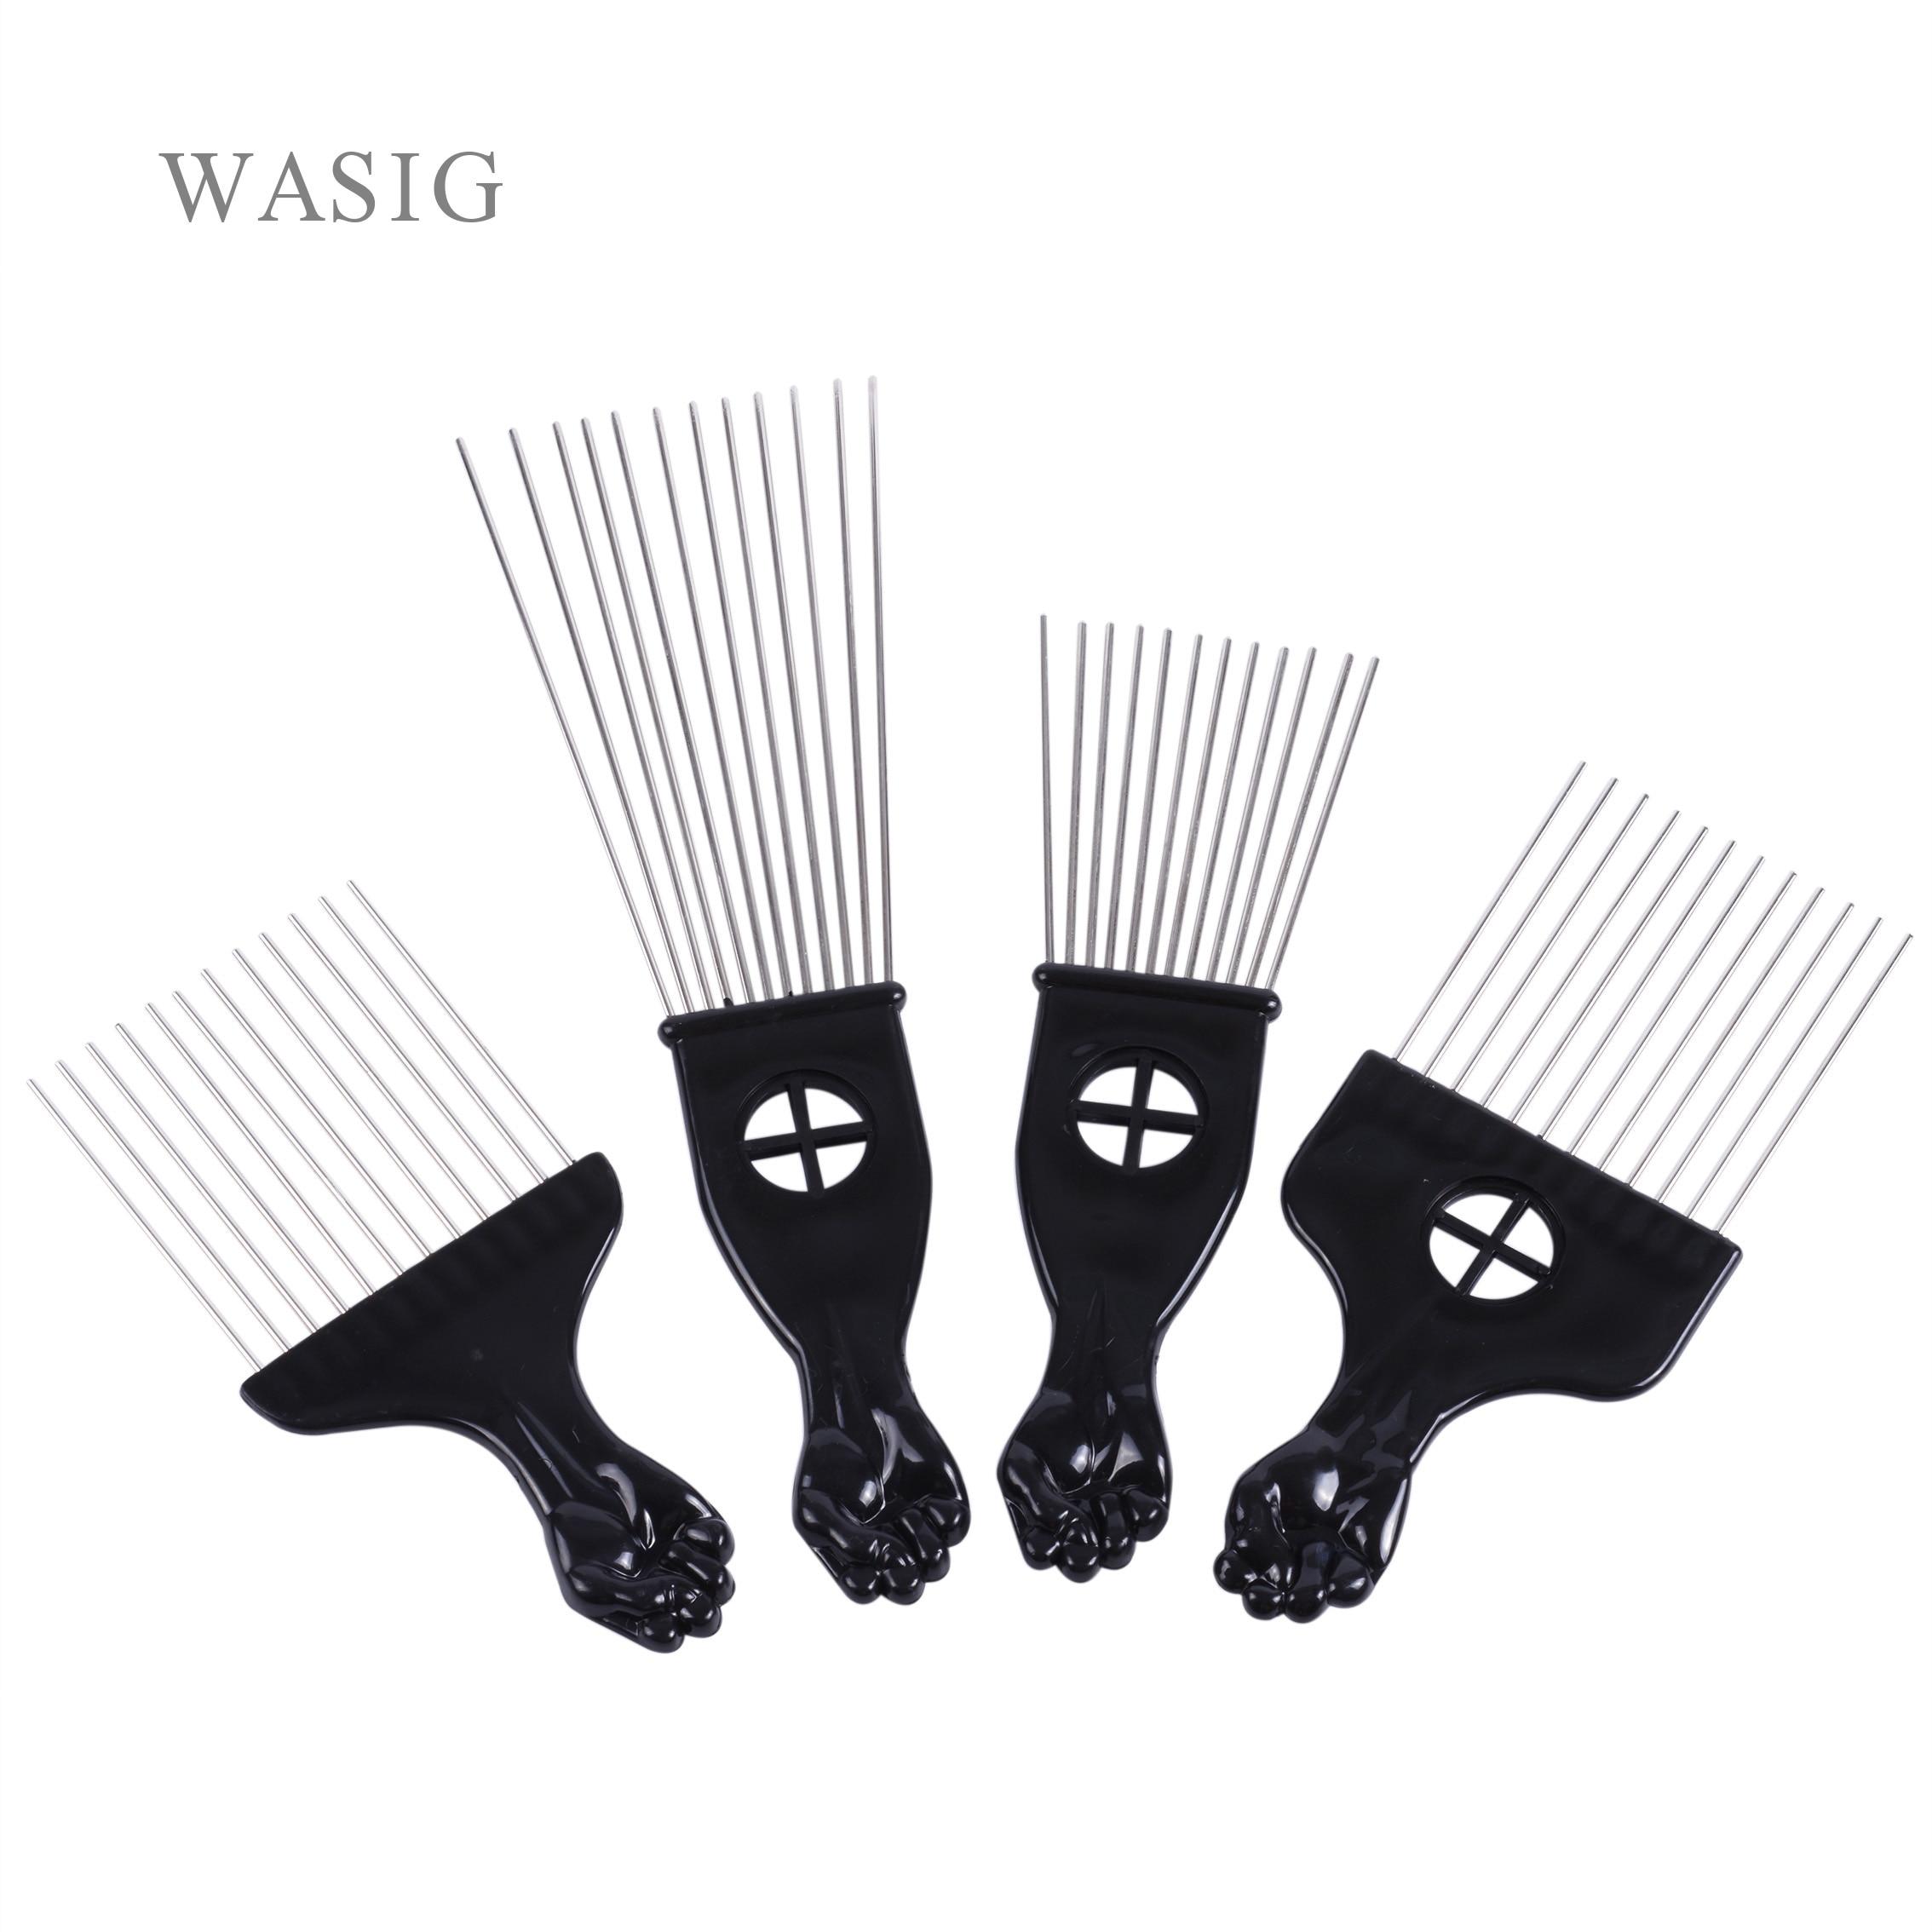 Салон Применение черный металл-американском стиле Палочки расчески для волос афро гребень для волос для парикмахерский инструмент для укл...